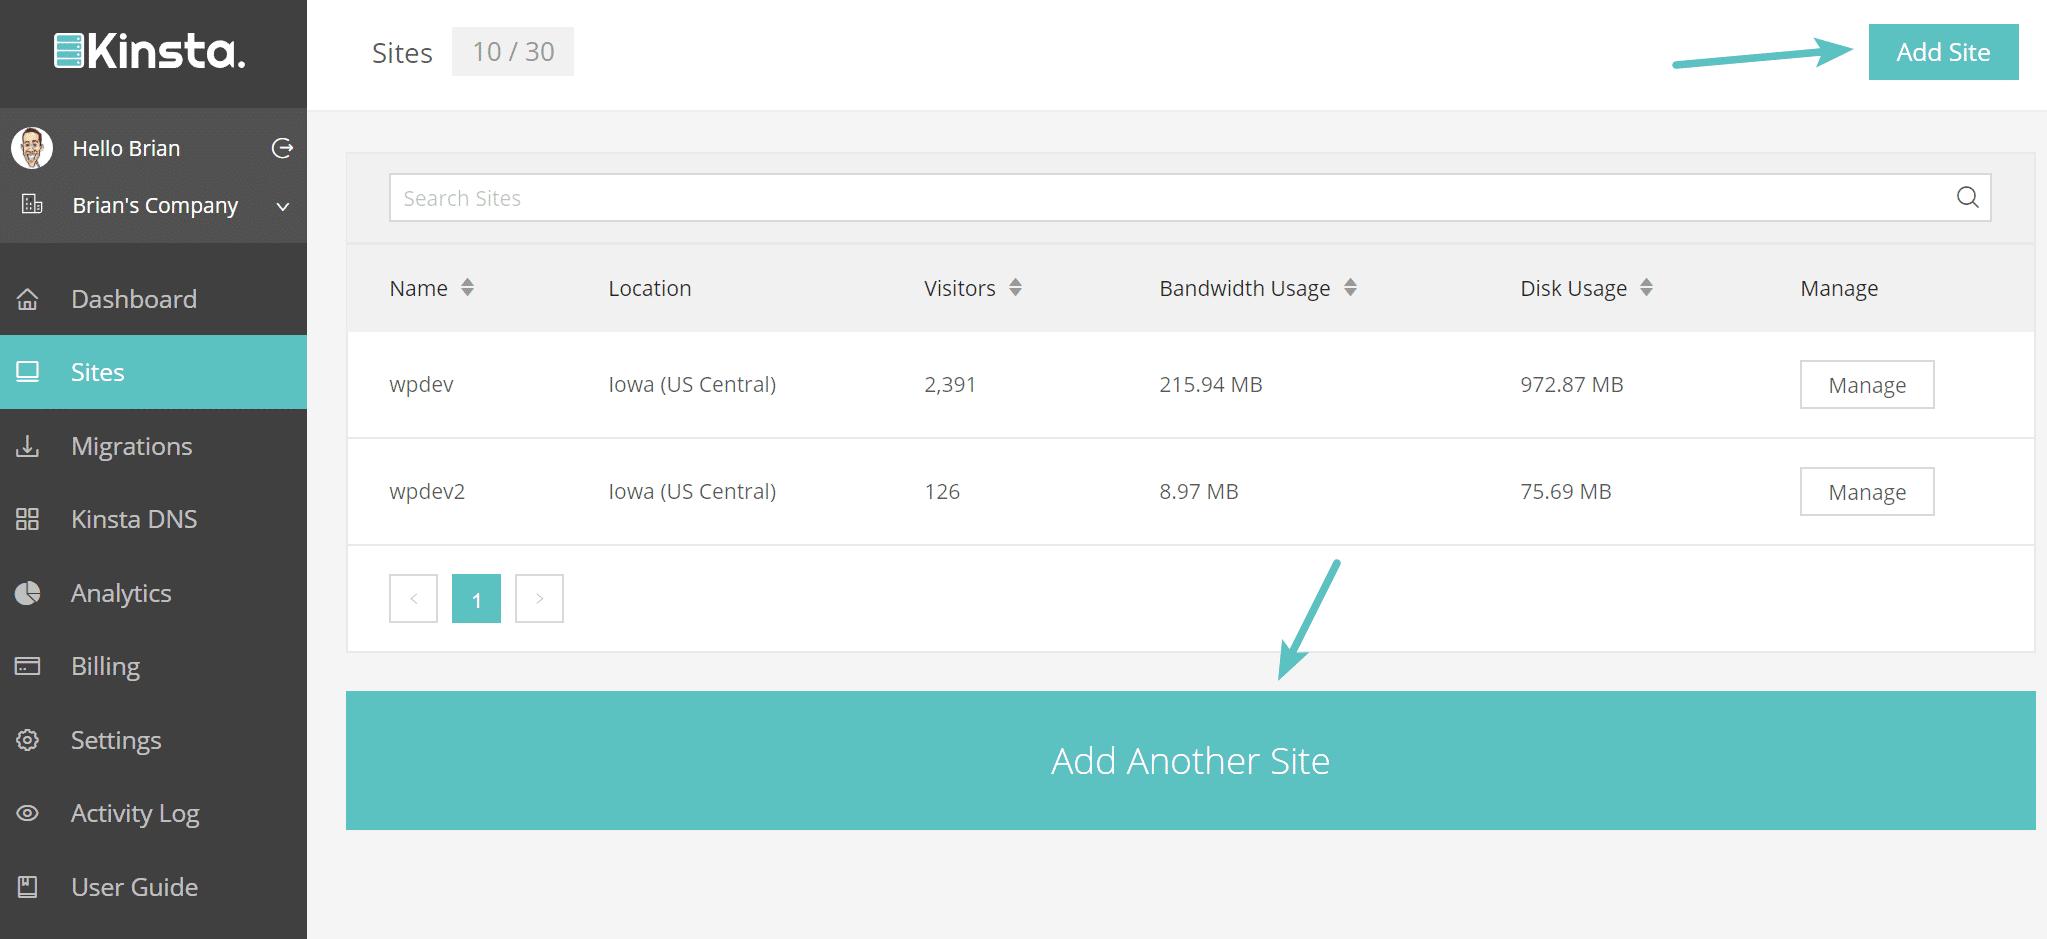 Aggiungere un nuovo sito